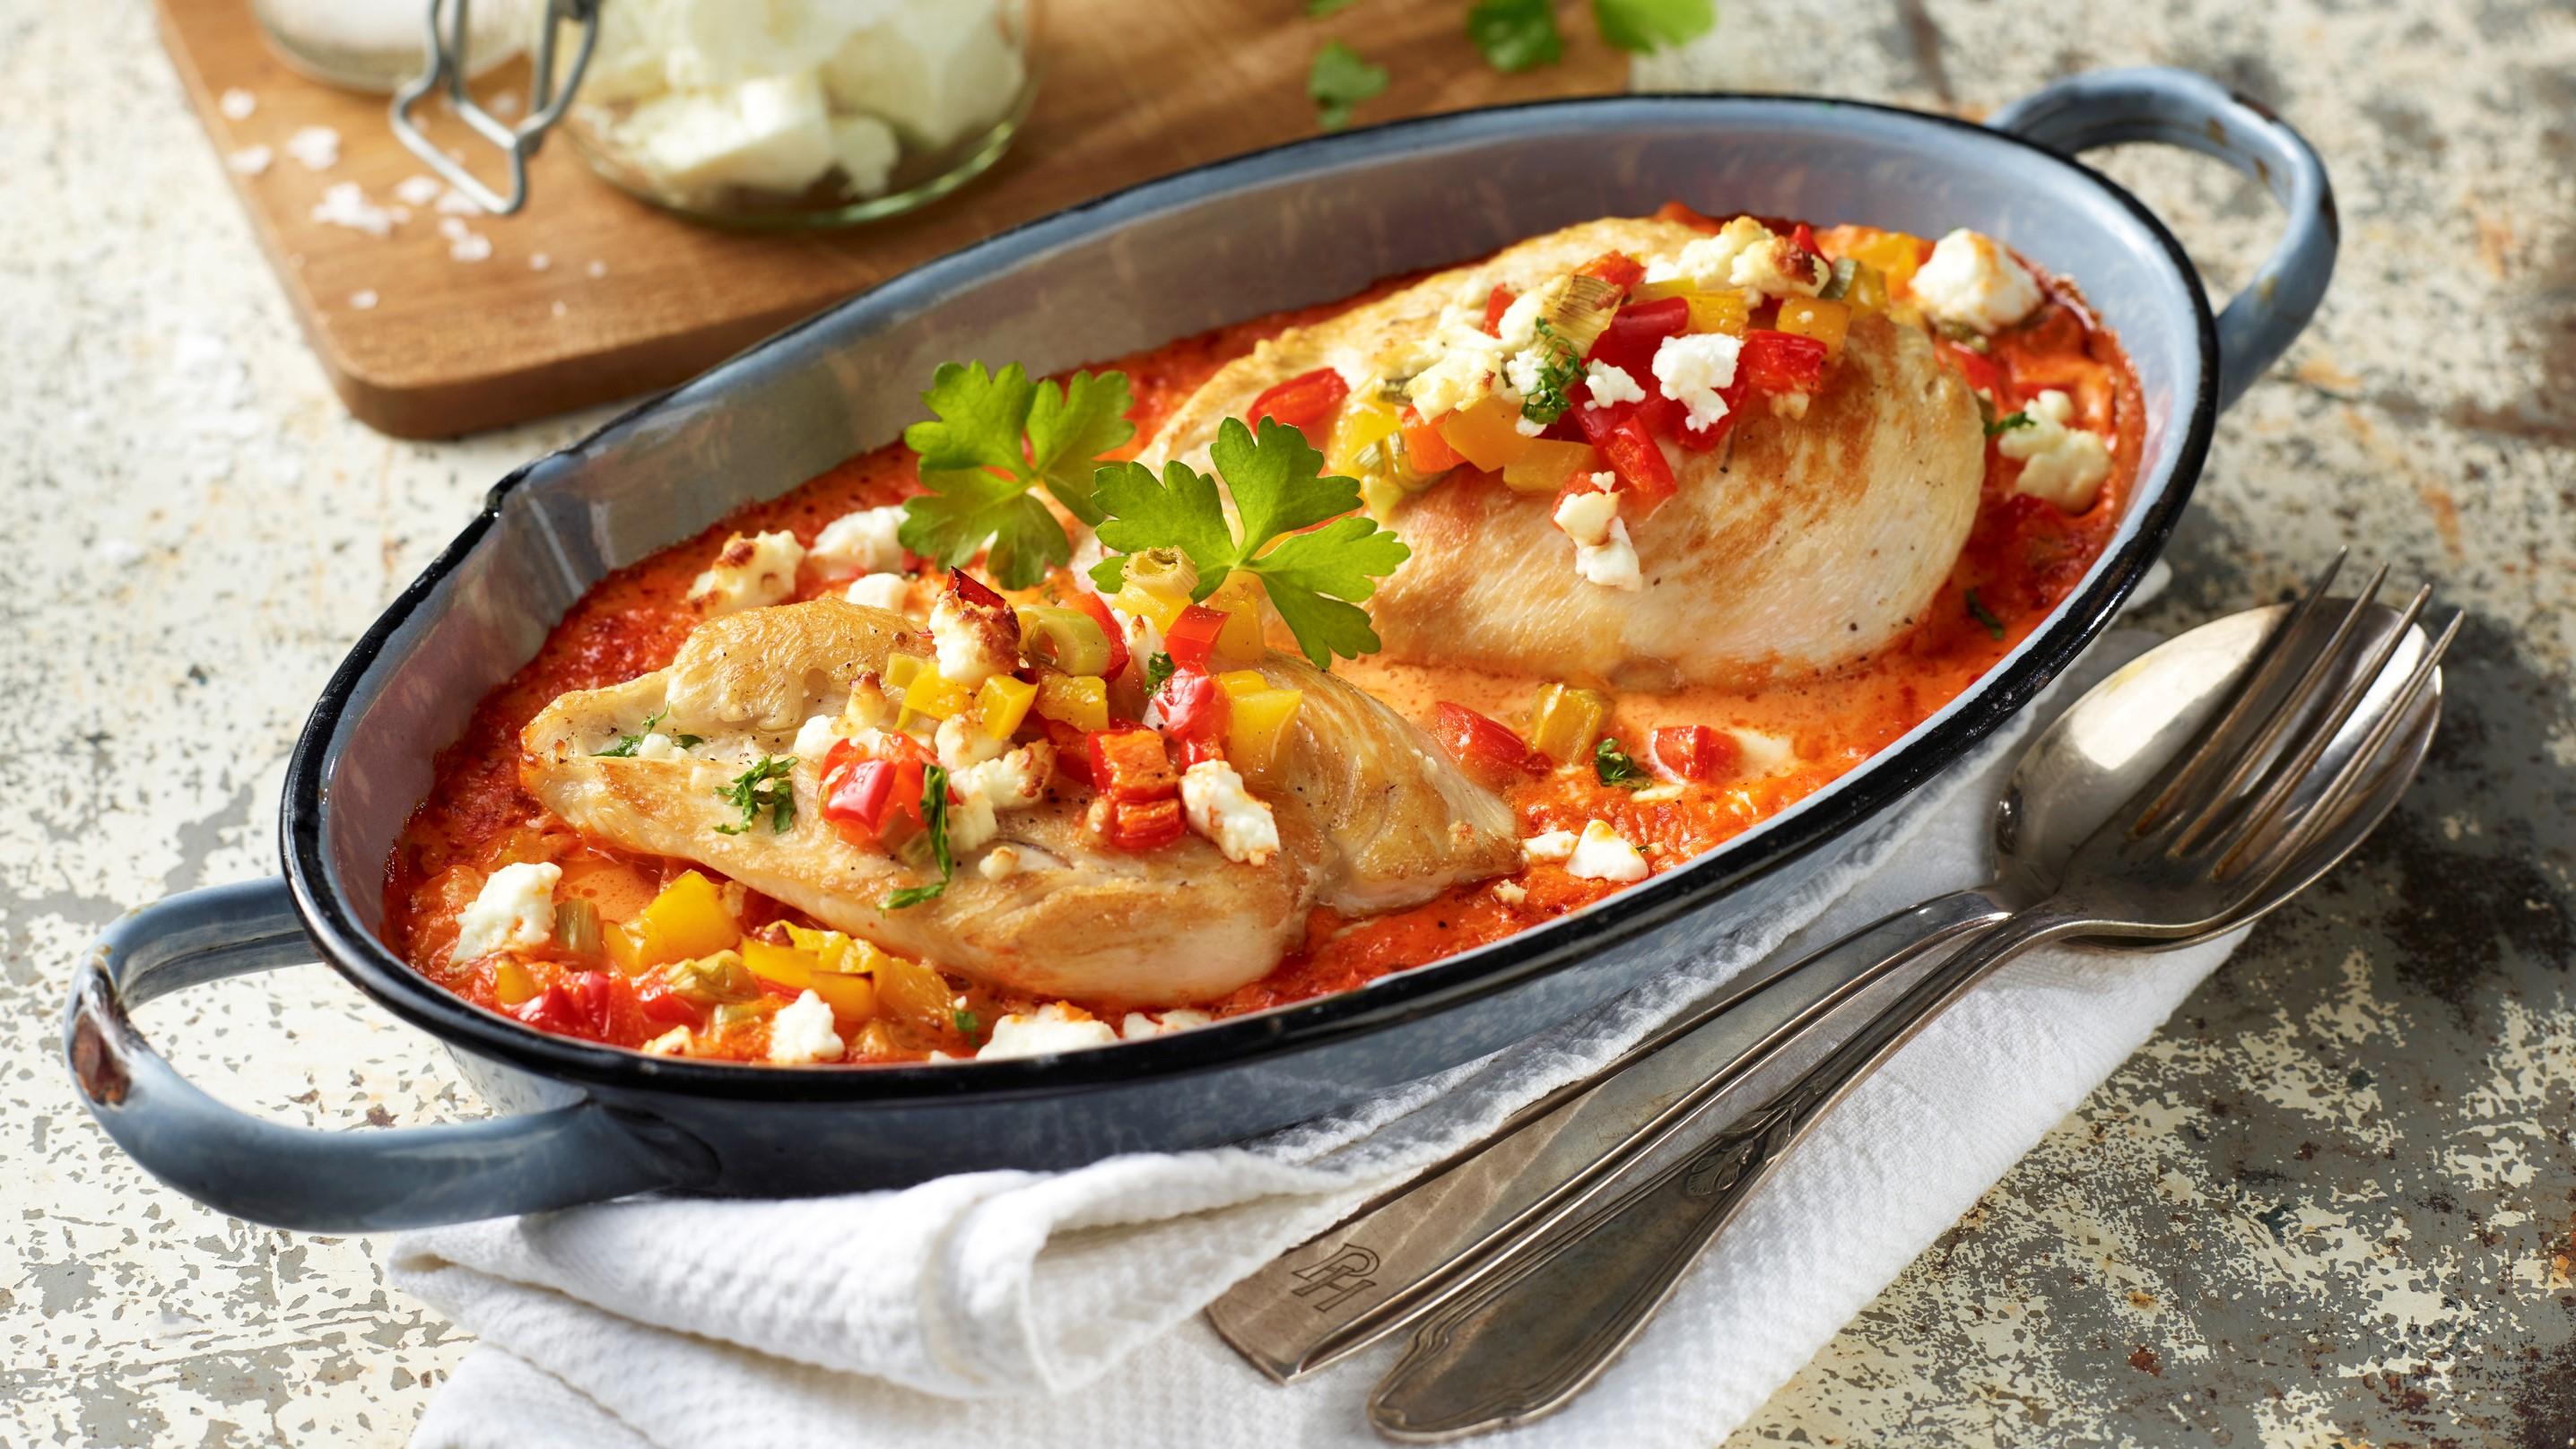 Paprika-Hähnchen Schnitzel aus dem Ofen mit Fetakäse